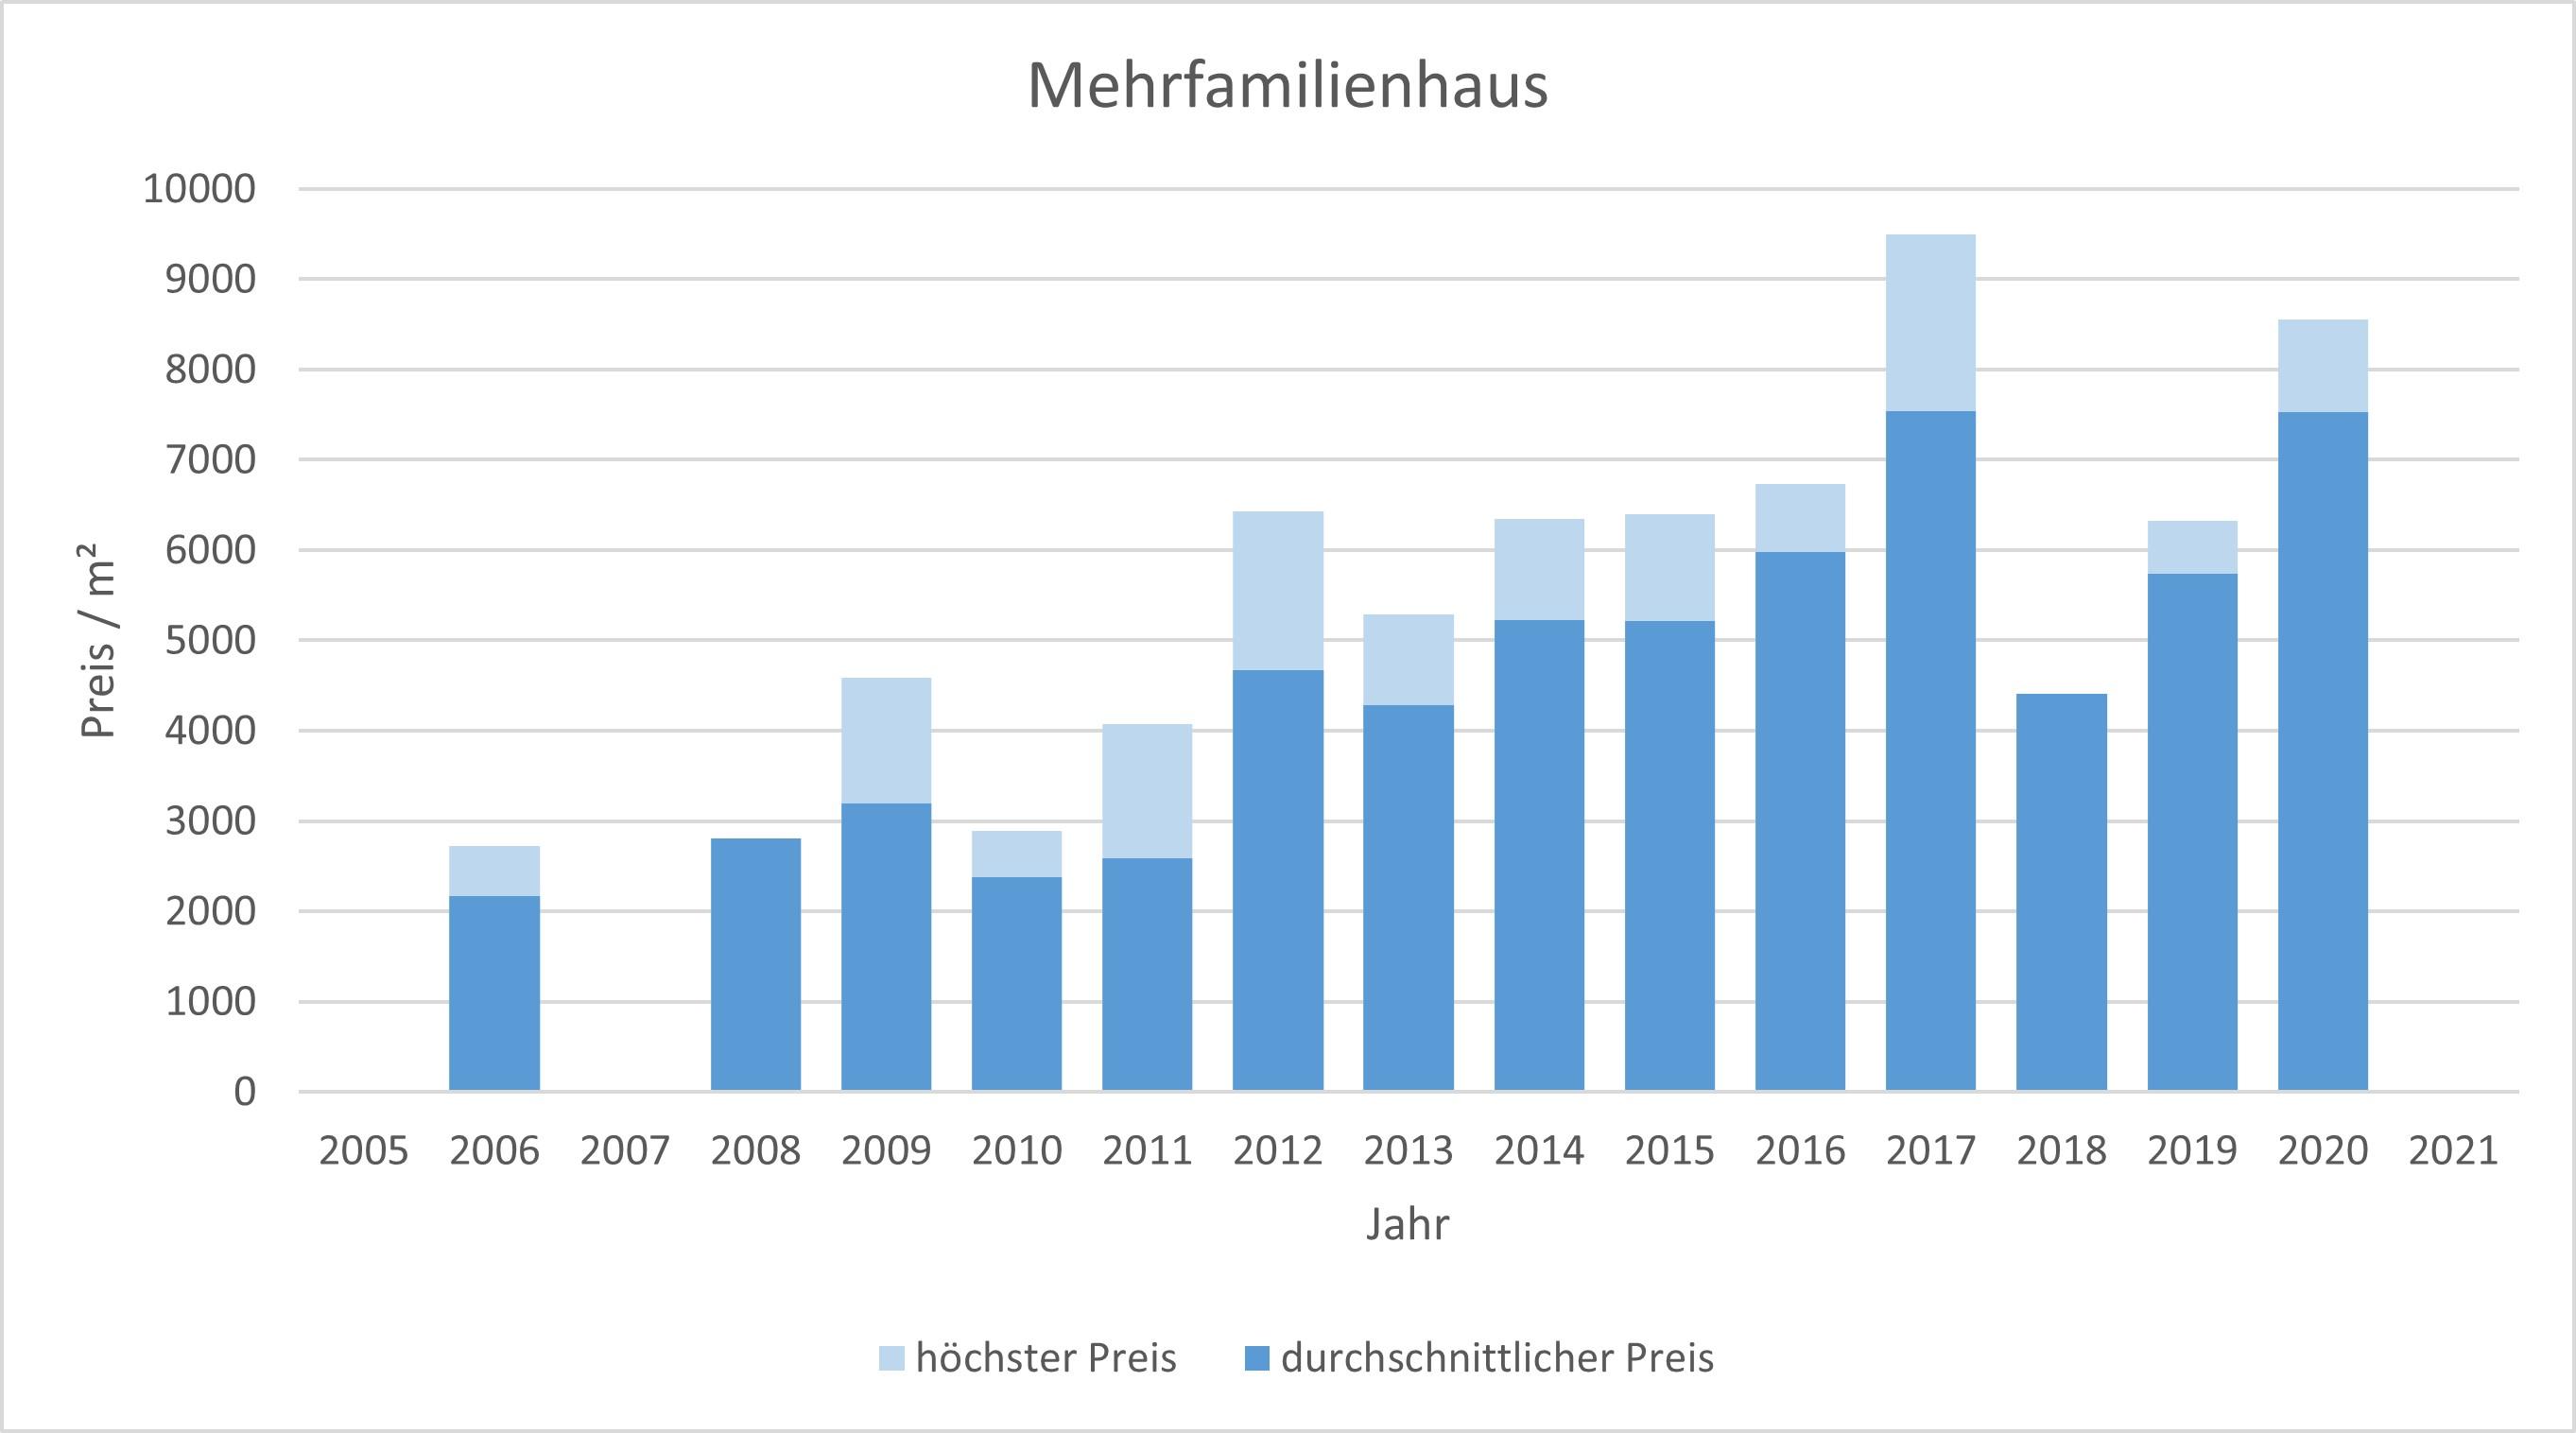 München - Schwanthalerhöhe Mehrfamilienhaus kaufen verkaufen Preis Bewertung 2019 2020 2021 Makler www.happy-immo.de